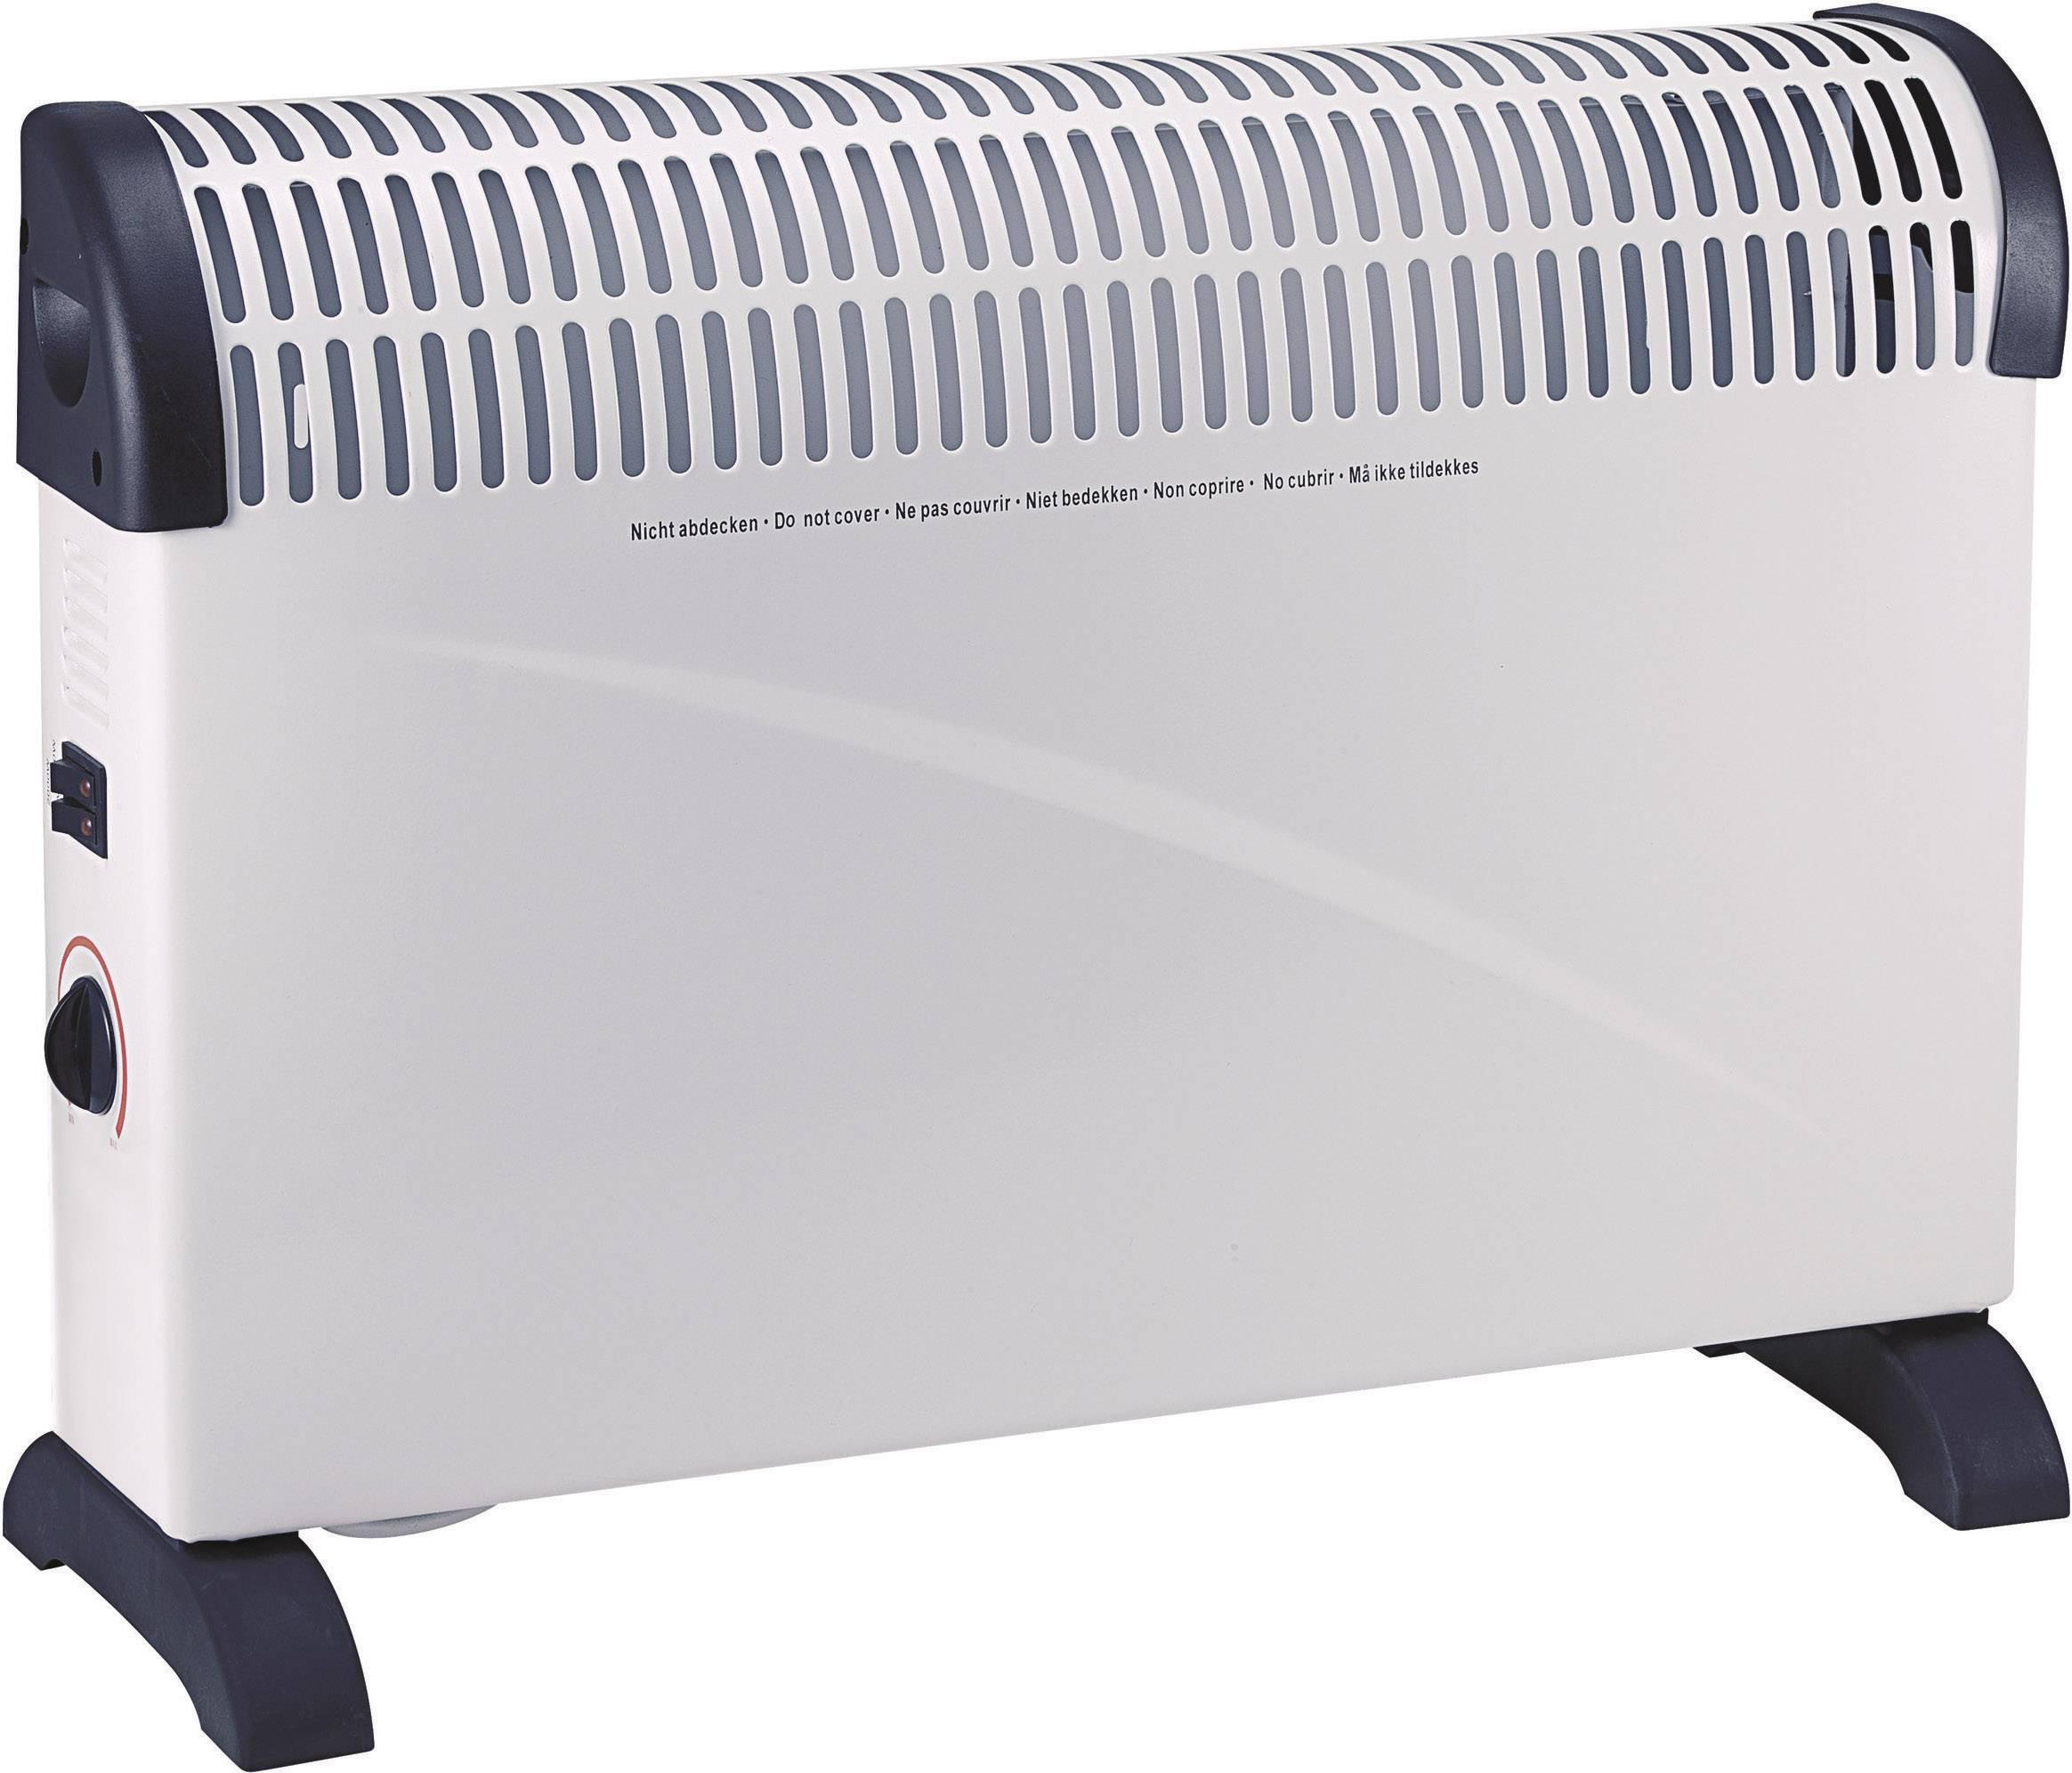 Konvektor, CH-2000B, 750/1250/2000 W, světle šedá